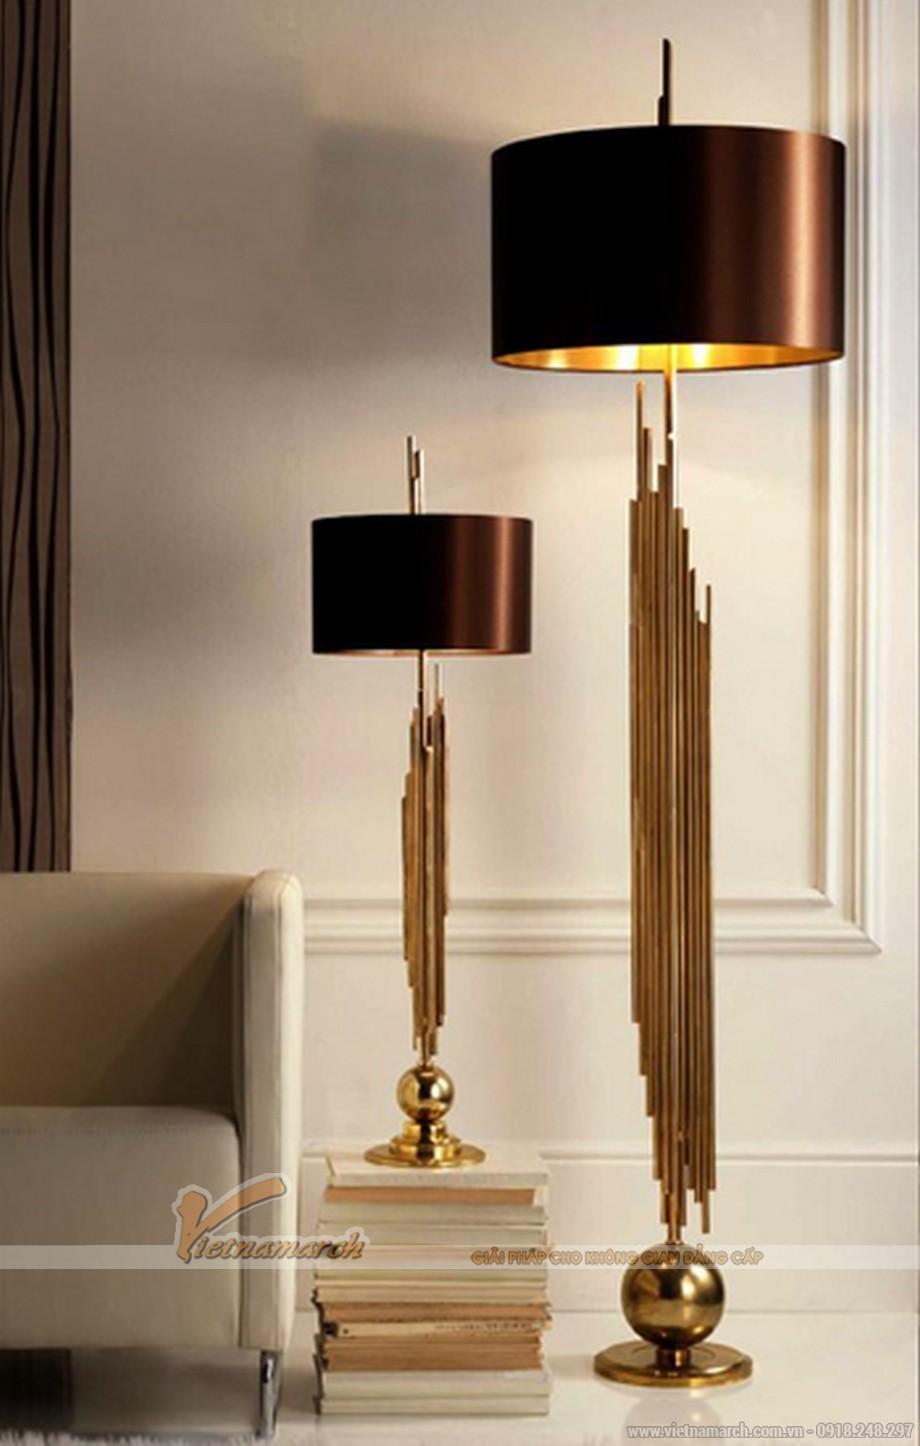 Mẫu đèn trang trí sang trọng cho phòng khách